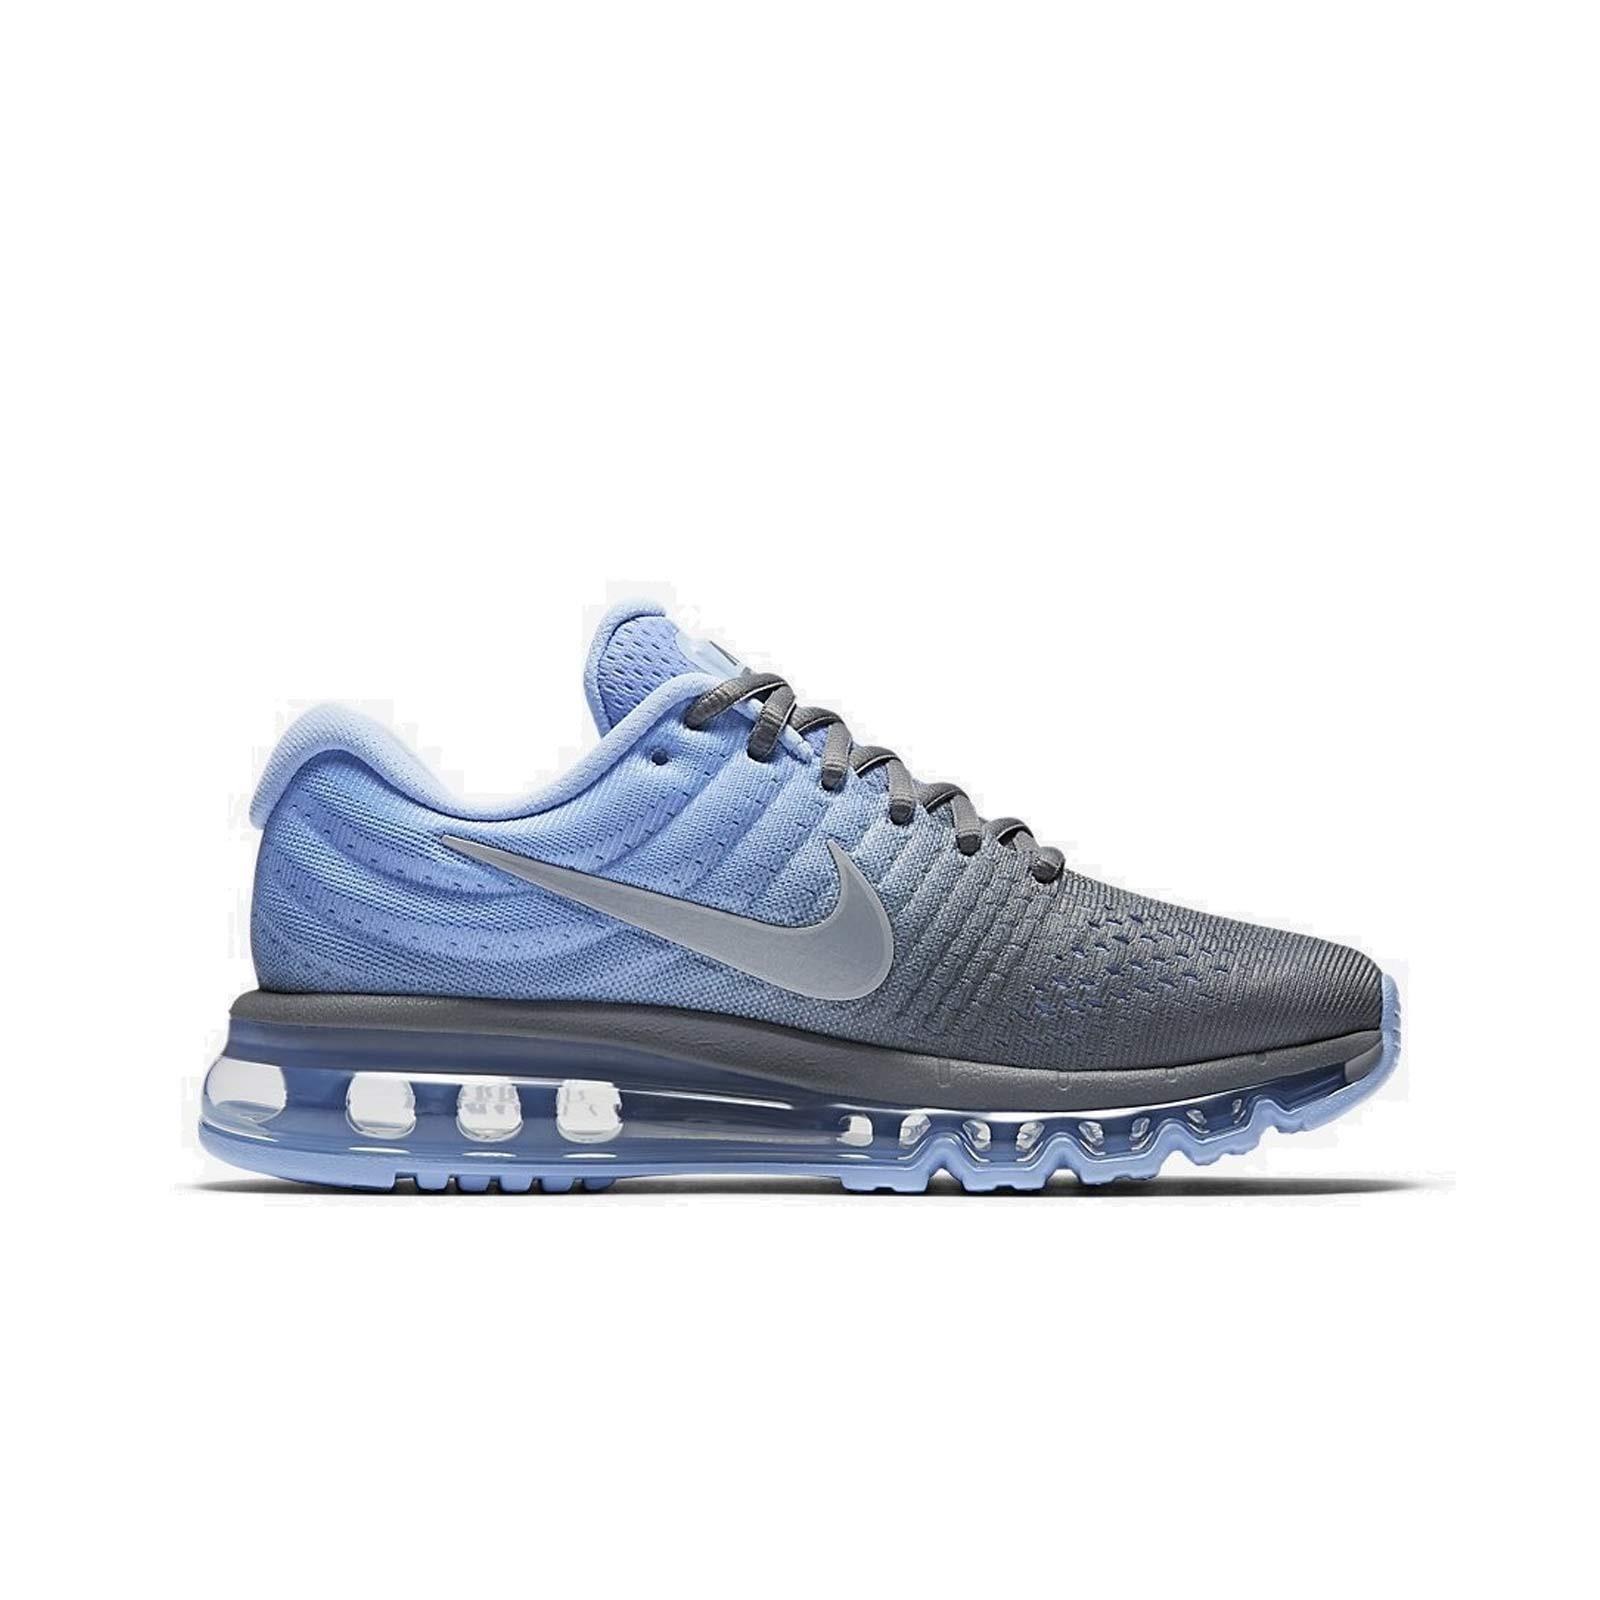 montar el primero Otoño  Zapatillas Nike Wmns Air Max 2017 Running para Mujer | Runa Store